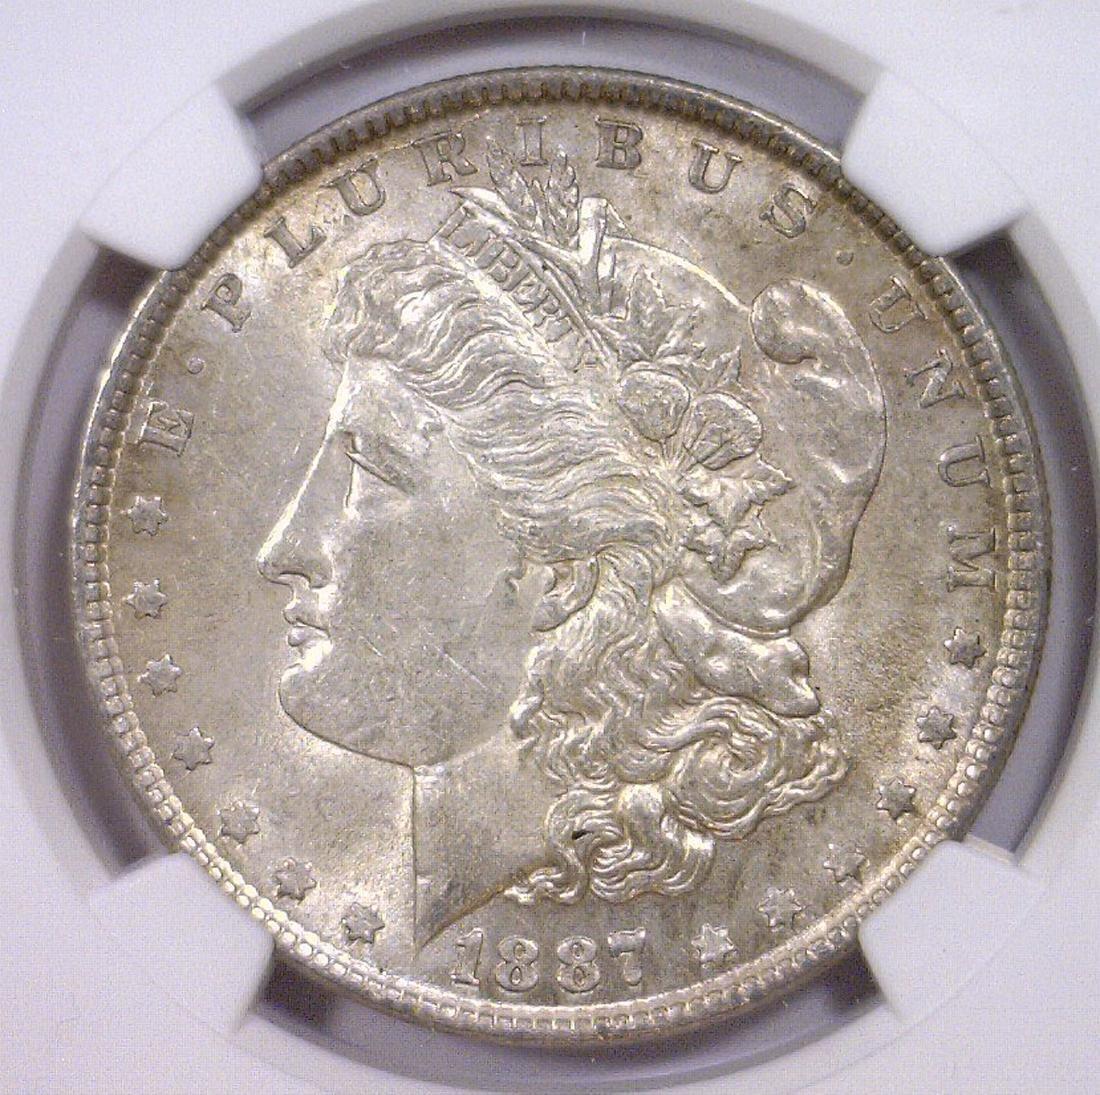 1887 Morgan Silver Dollar NGC AU58